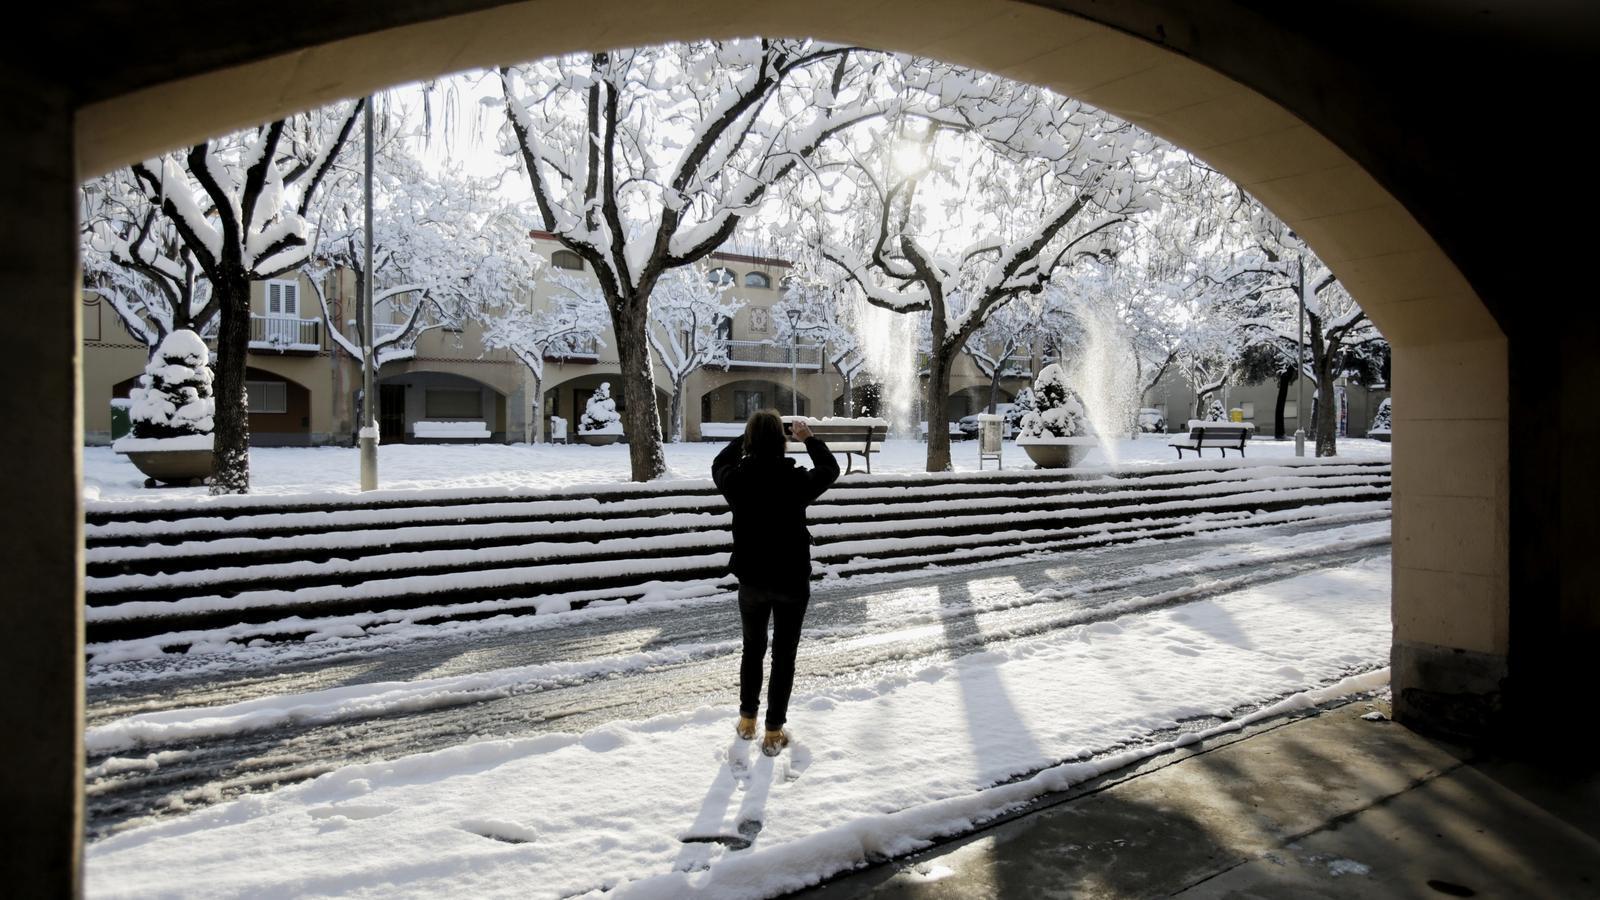 FOTOGALERIA: La nevada a Catalunya, en imatges